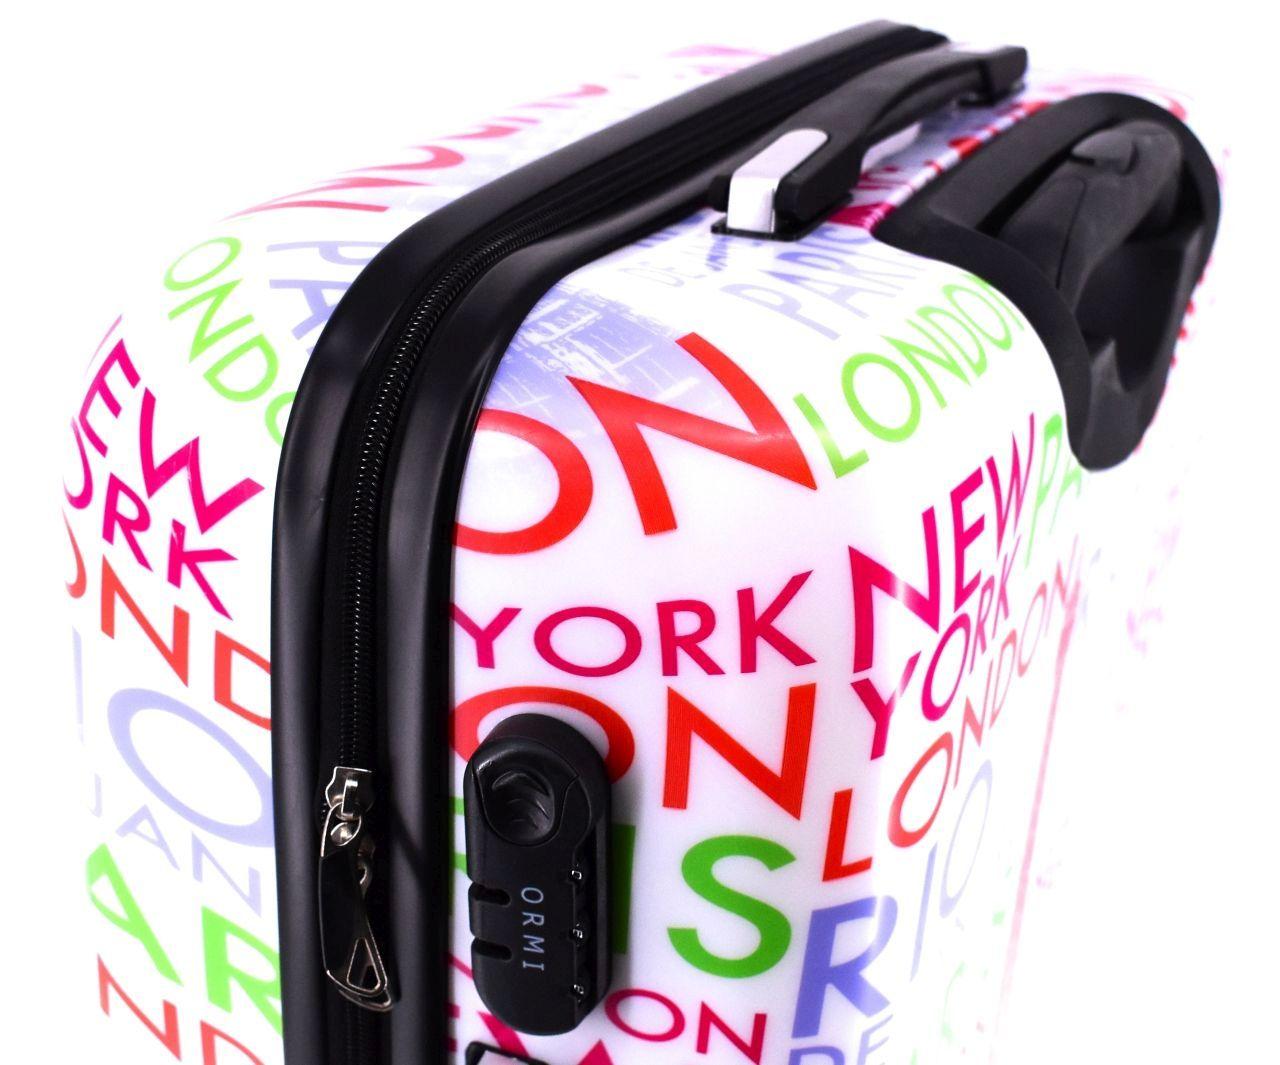 Cestovní palubní kufr skořepinový na čtyřech kolečkách ORMI - Tower Goddess (S) 45l 858 Tower Goddess (S)